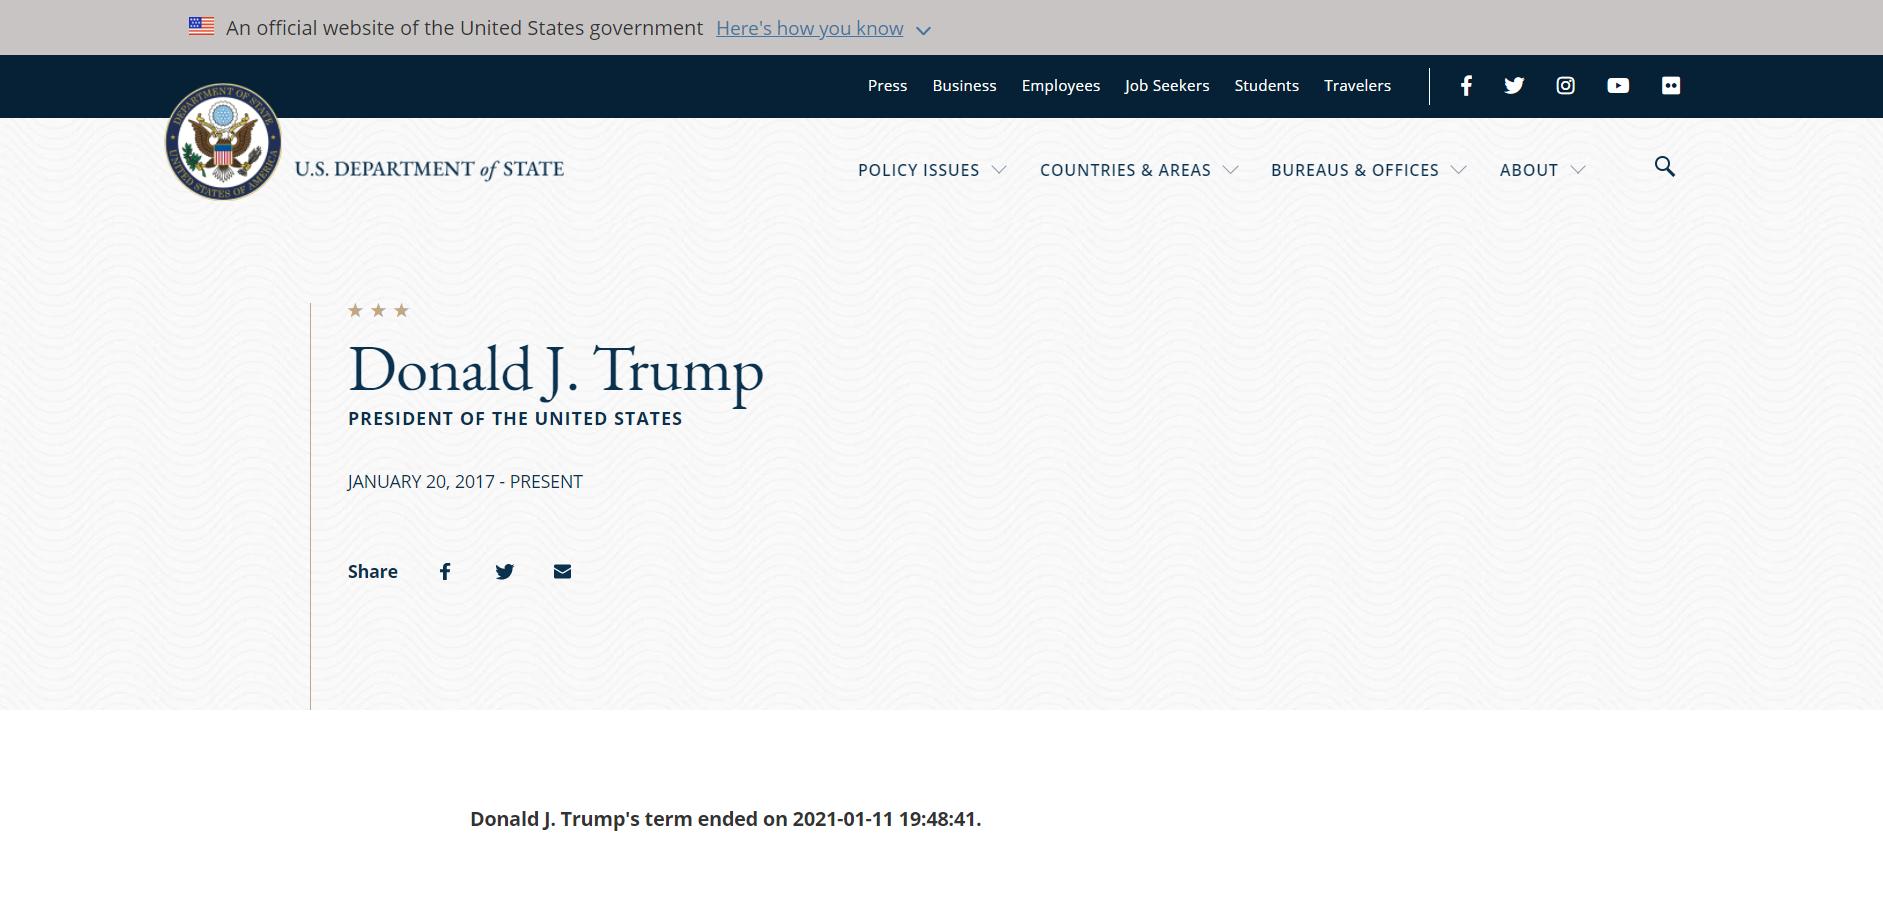 Le site du département d'Etat annonce la fin du mandat de Trump avant son terme